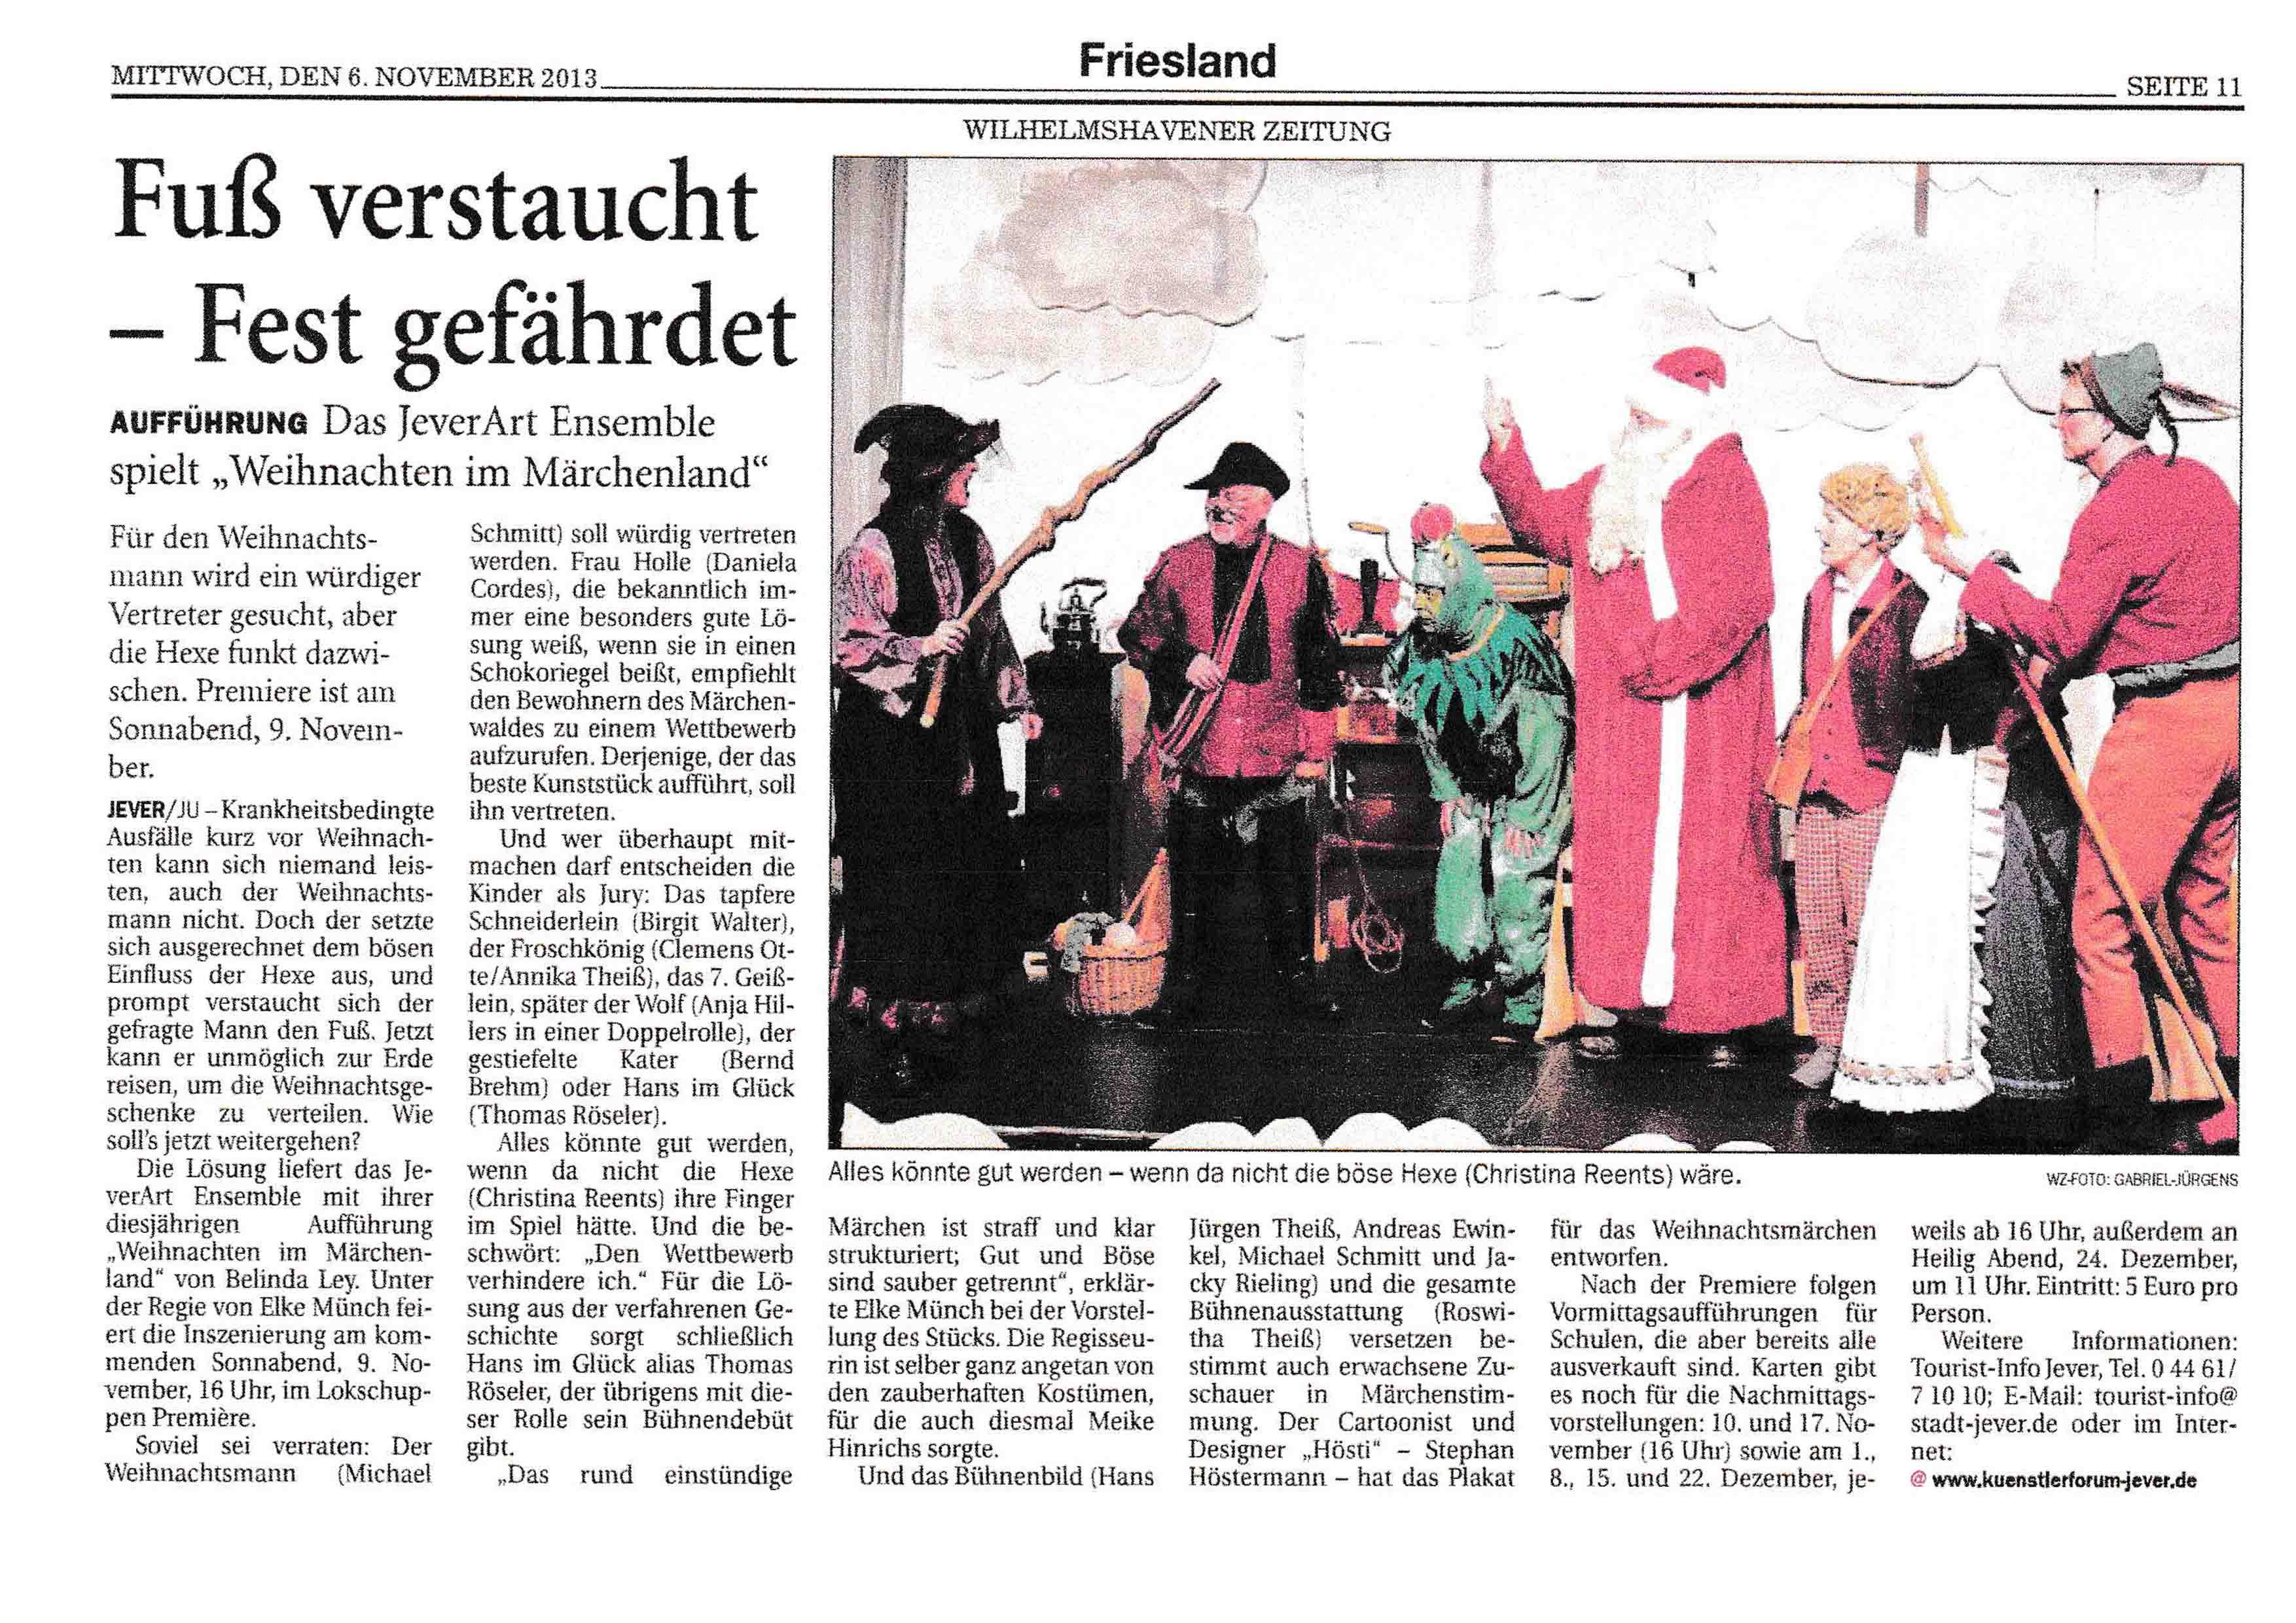 Wilhelmshavener Zeitung Mittwoch 06 11 2013